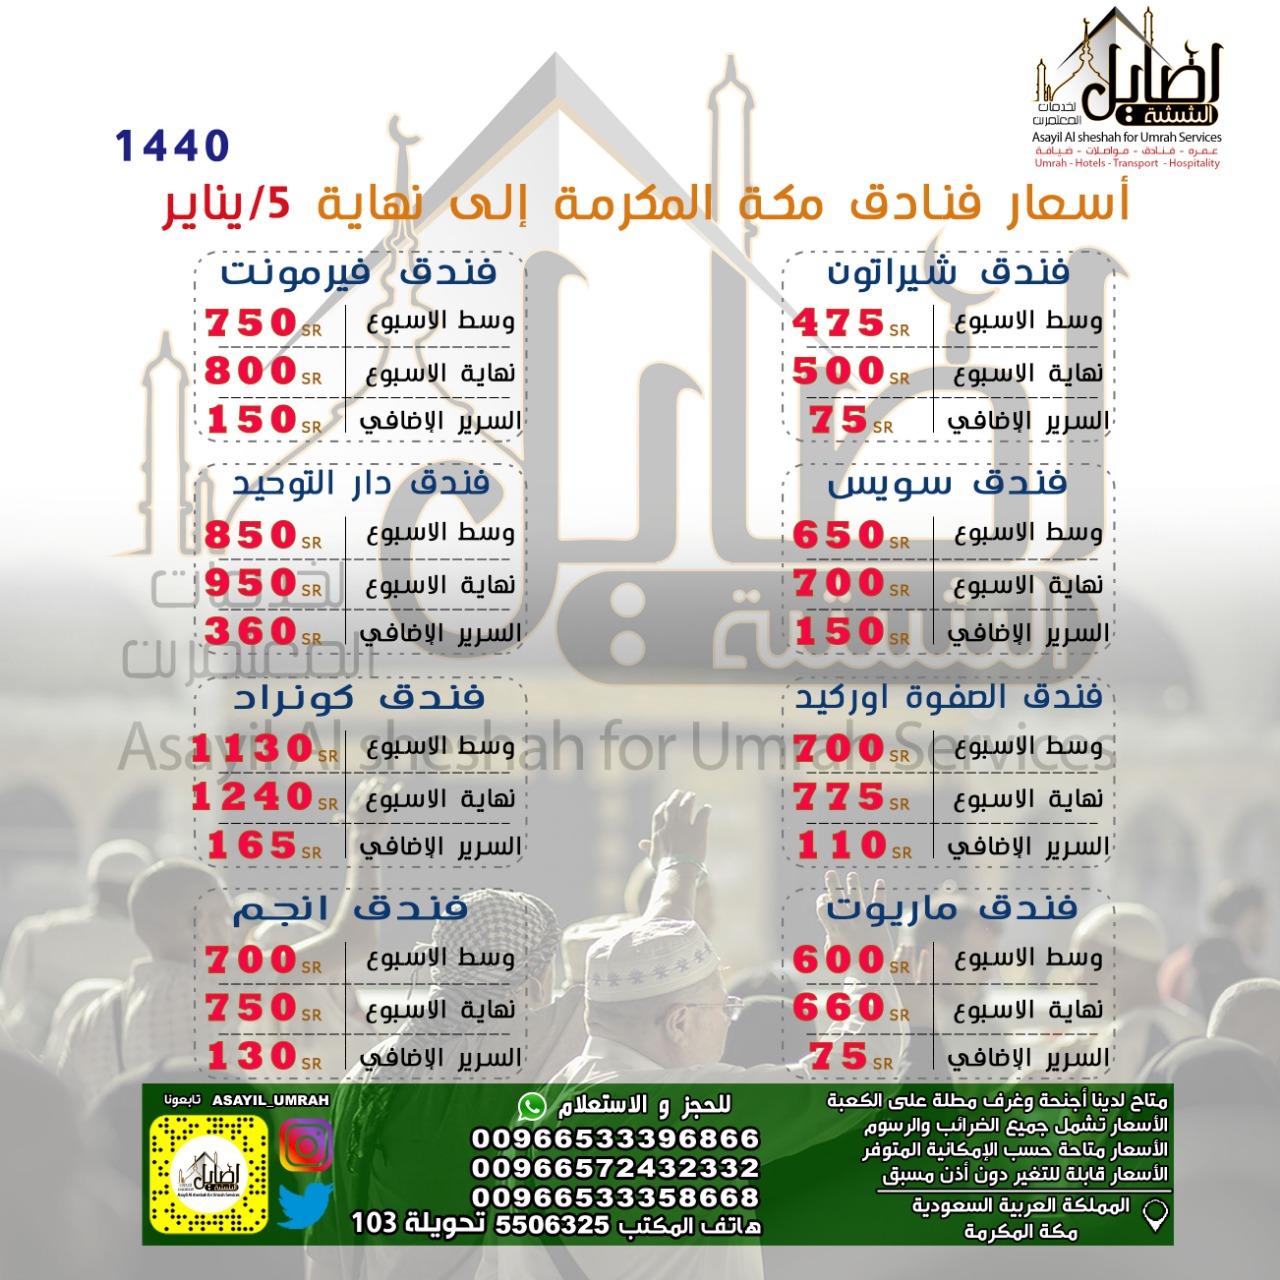 حجز فنادق رخيصه في مكه المكرمه من اصايل الششه00966125506325 خدمات معتمرين  P_1047e1bed0